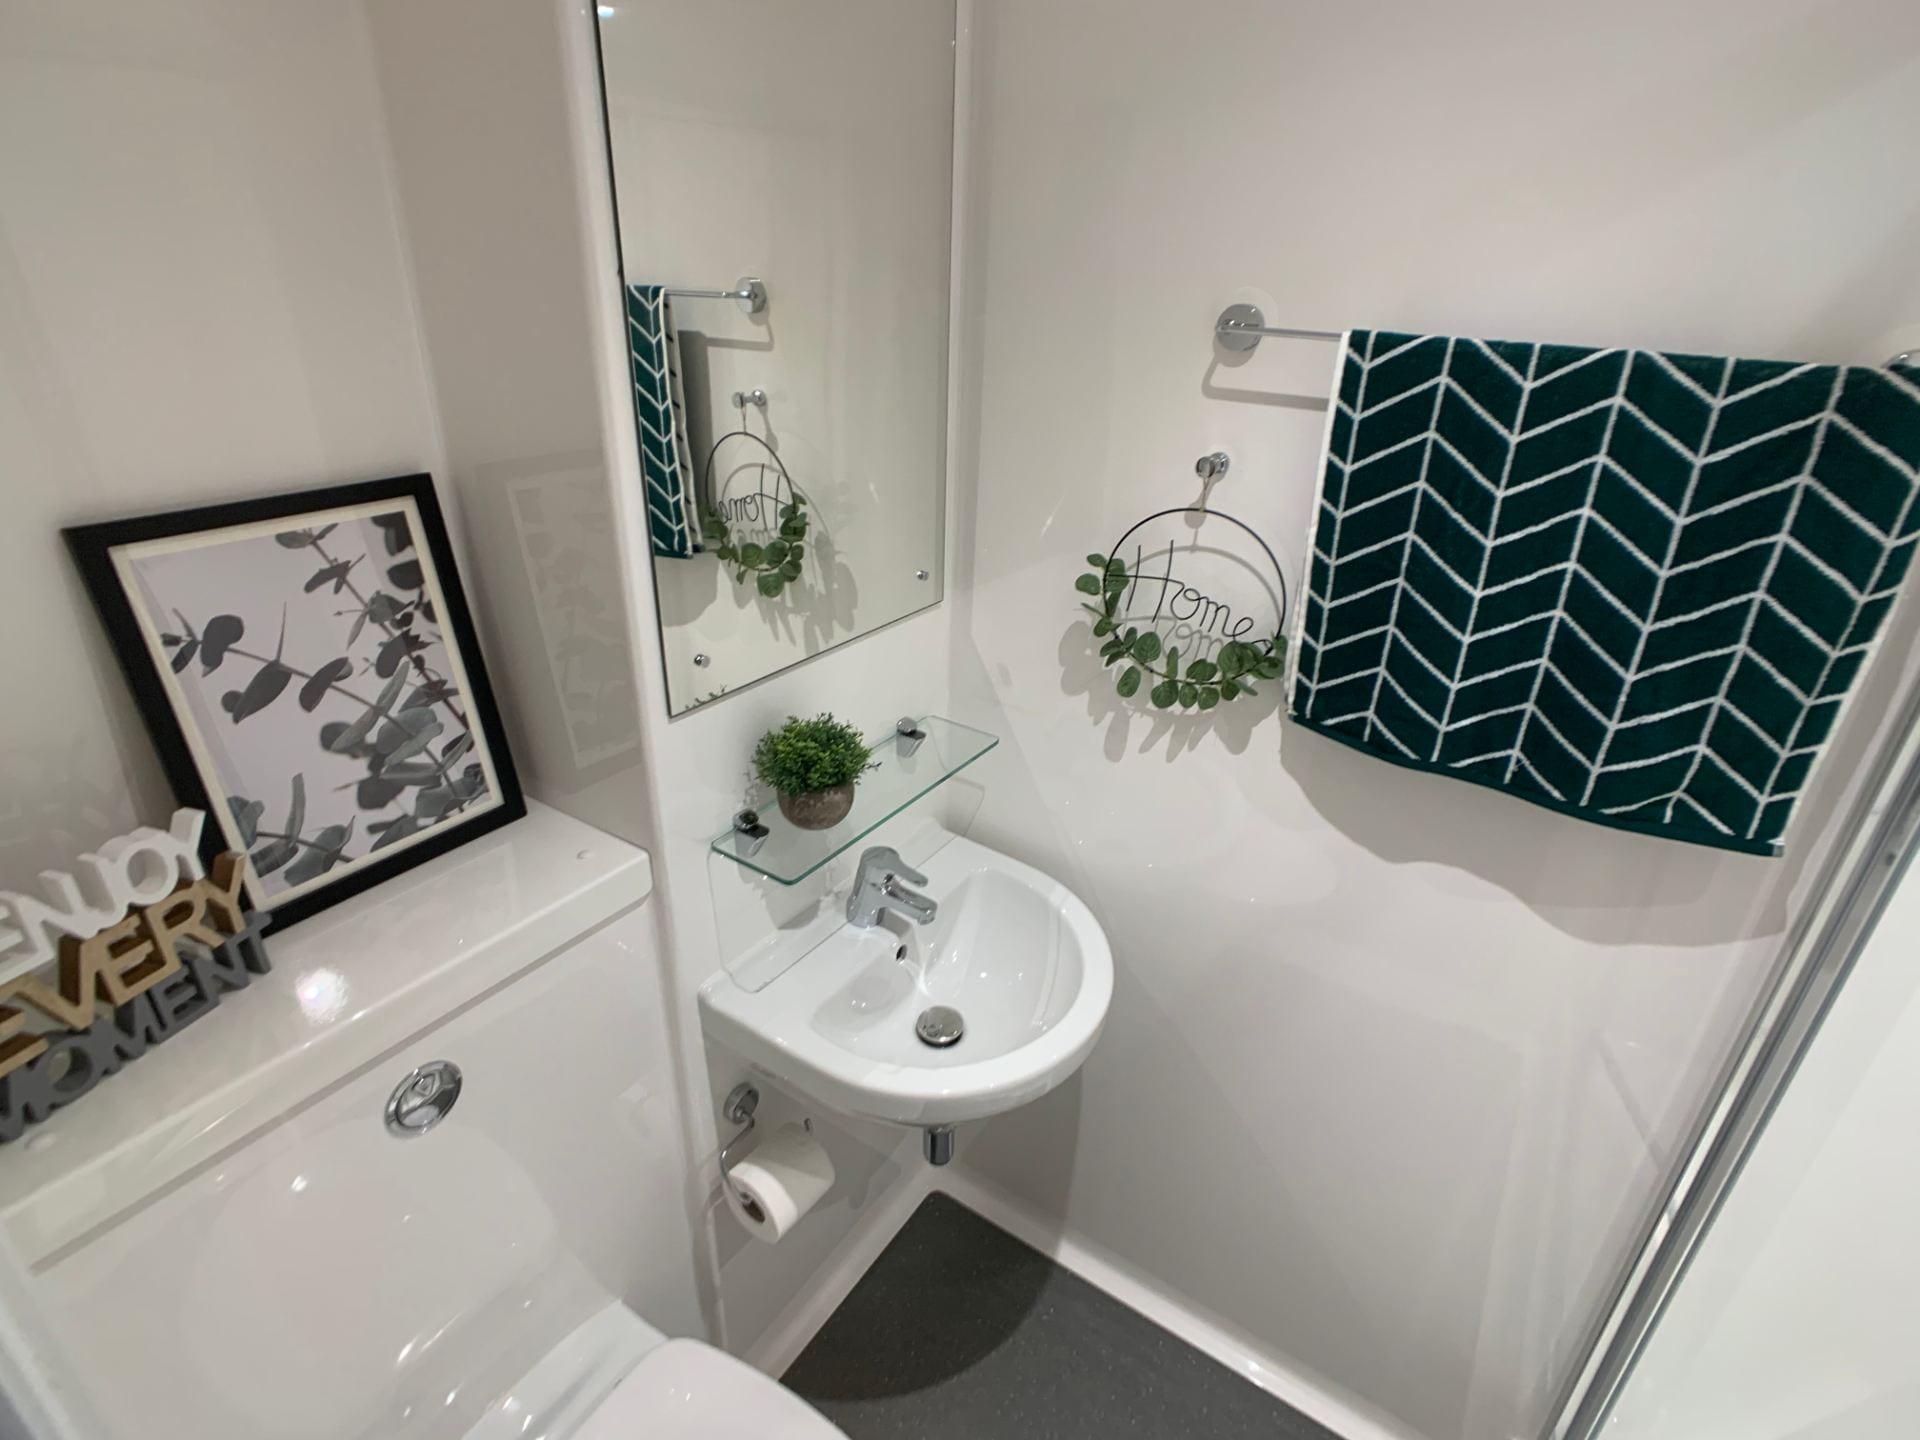 Dressed en-suite bathroom in St Marks Student Village showing toilet, sink & shower.